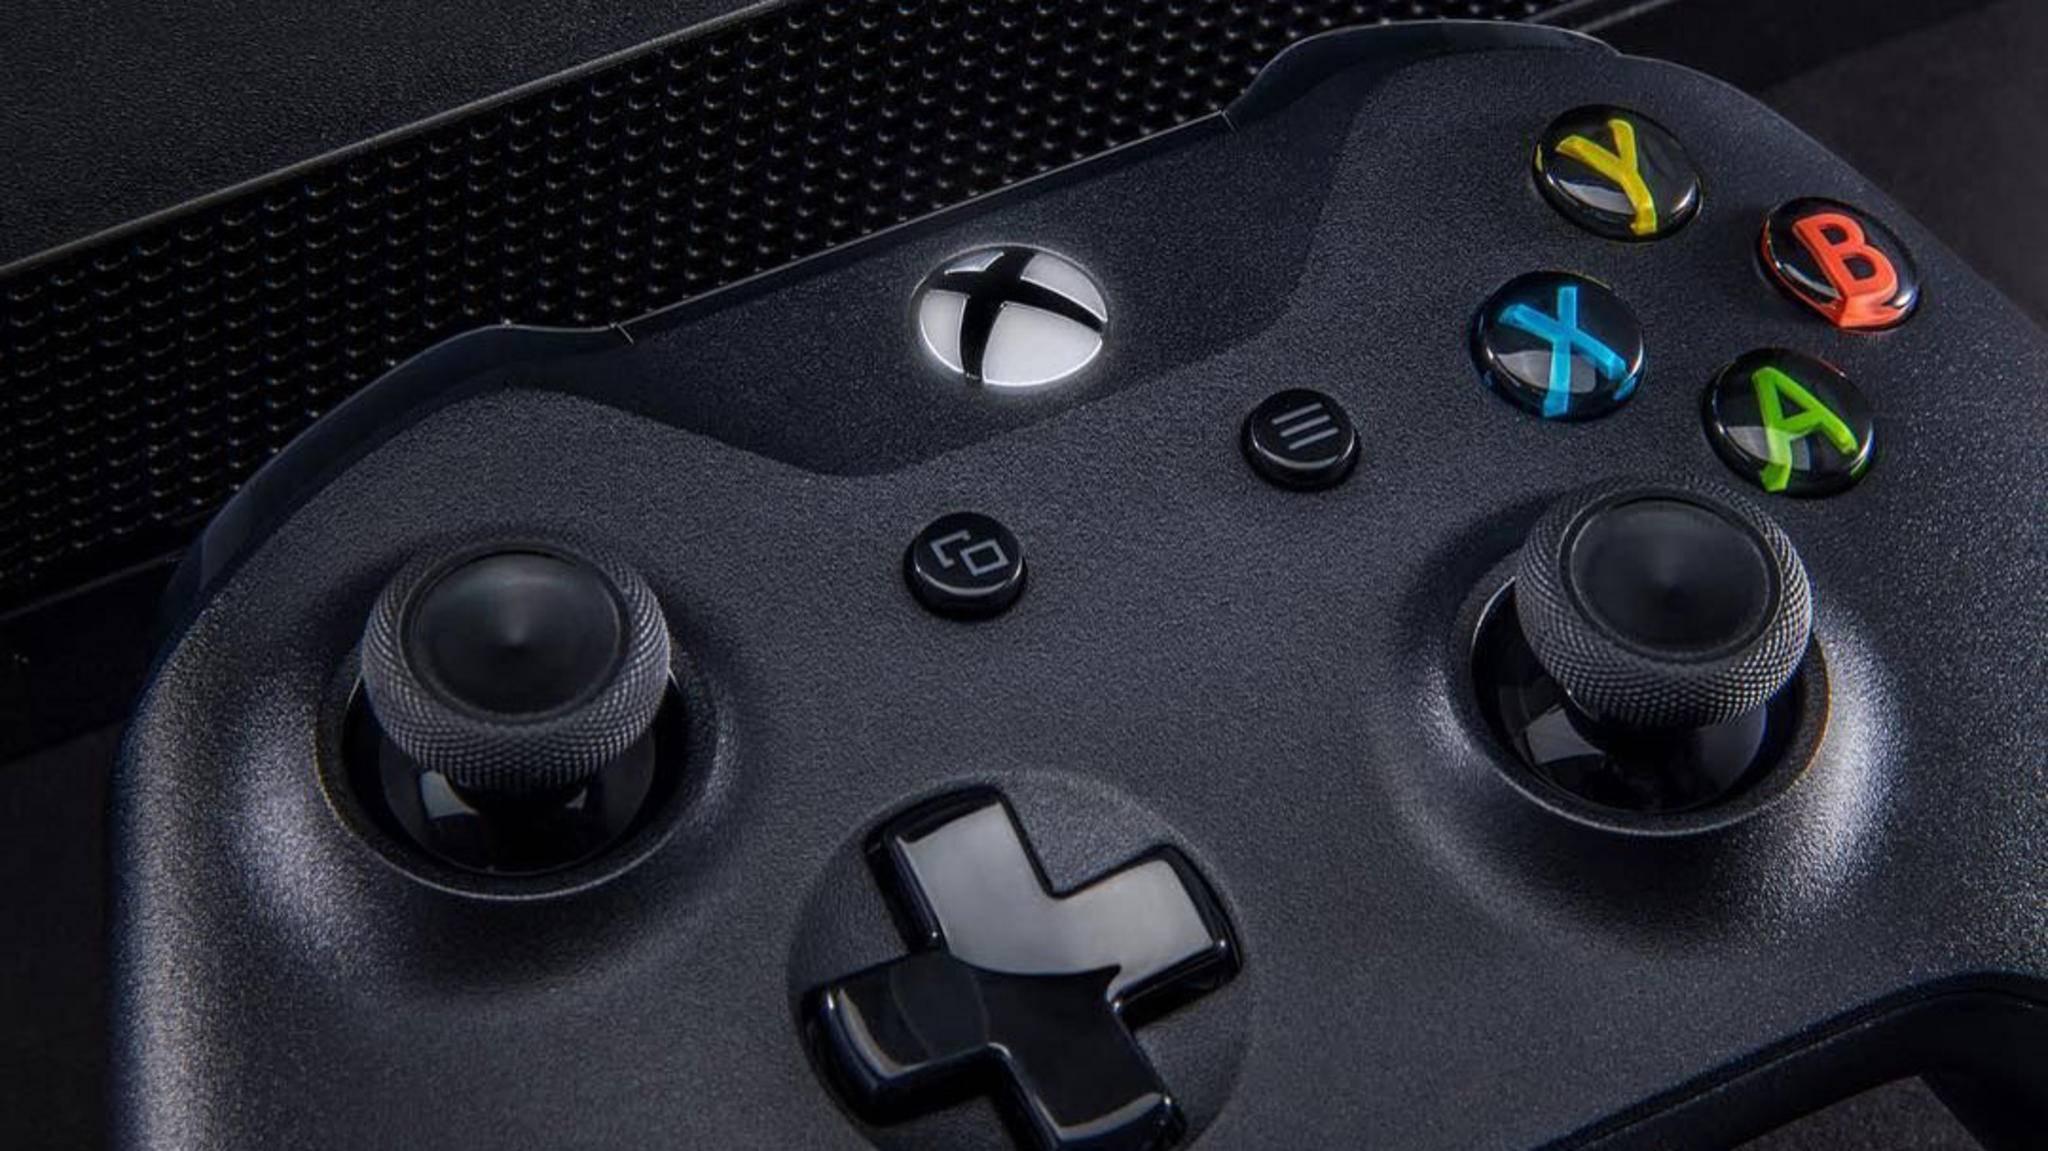 Endlich: Am 7. November veröffentlicht Microsoft die Xbox One X.